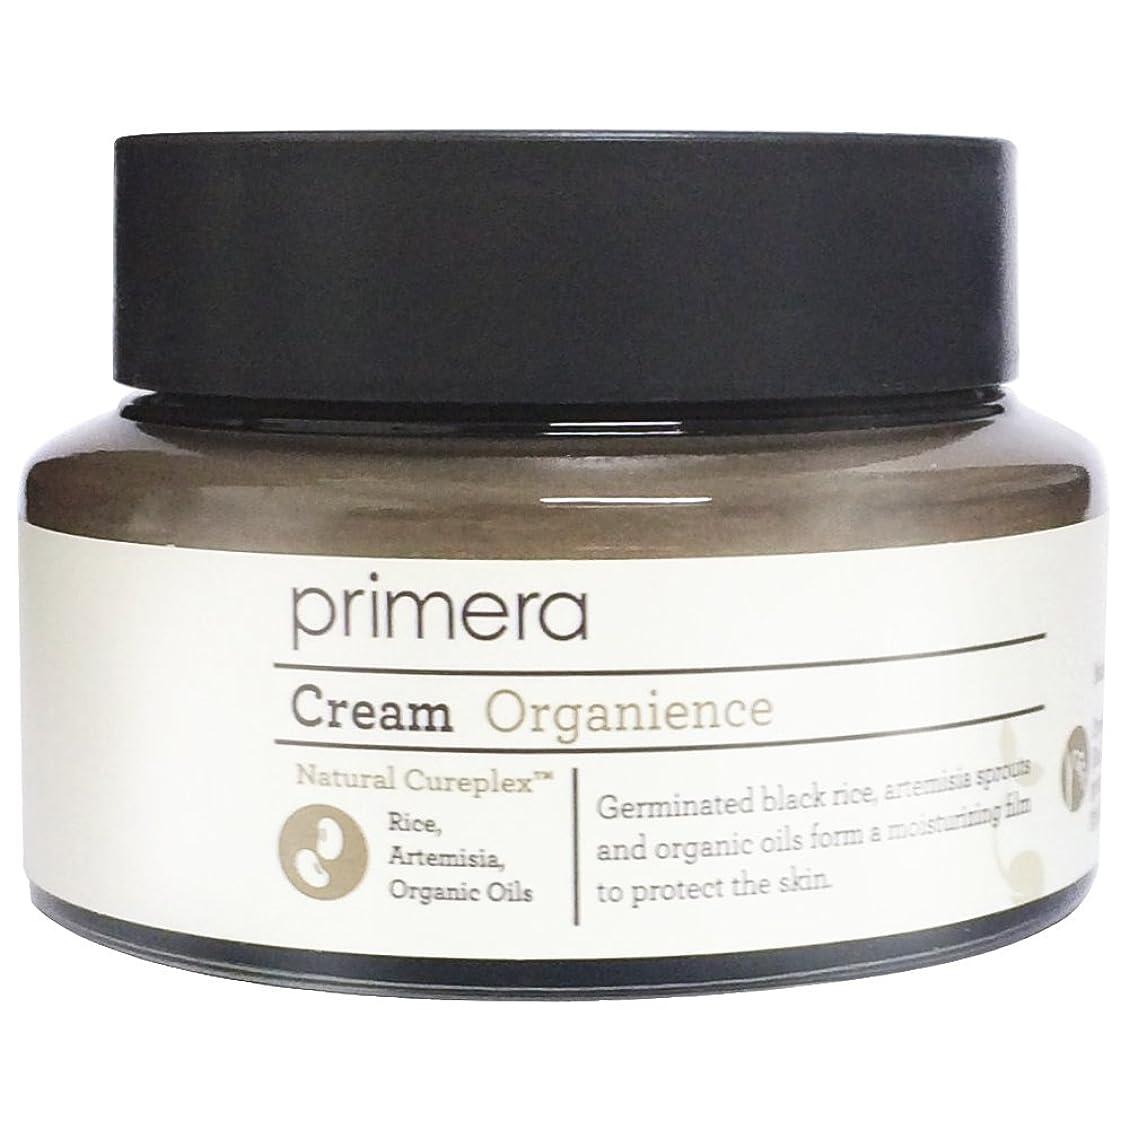 ふける乏しいサイクル[Primera/プリメラ]オーガニエンスクリーム50ml(Organience Cream)豊富な栄養分と生命力/ナチュラル発芽主義ブランド